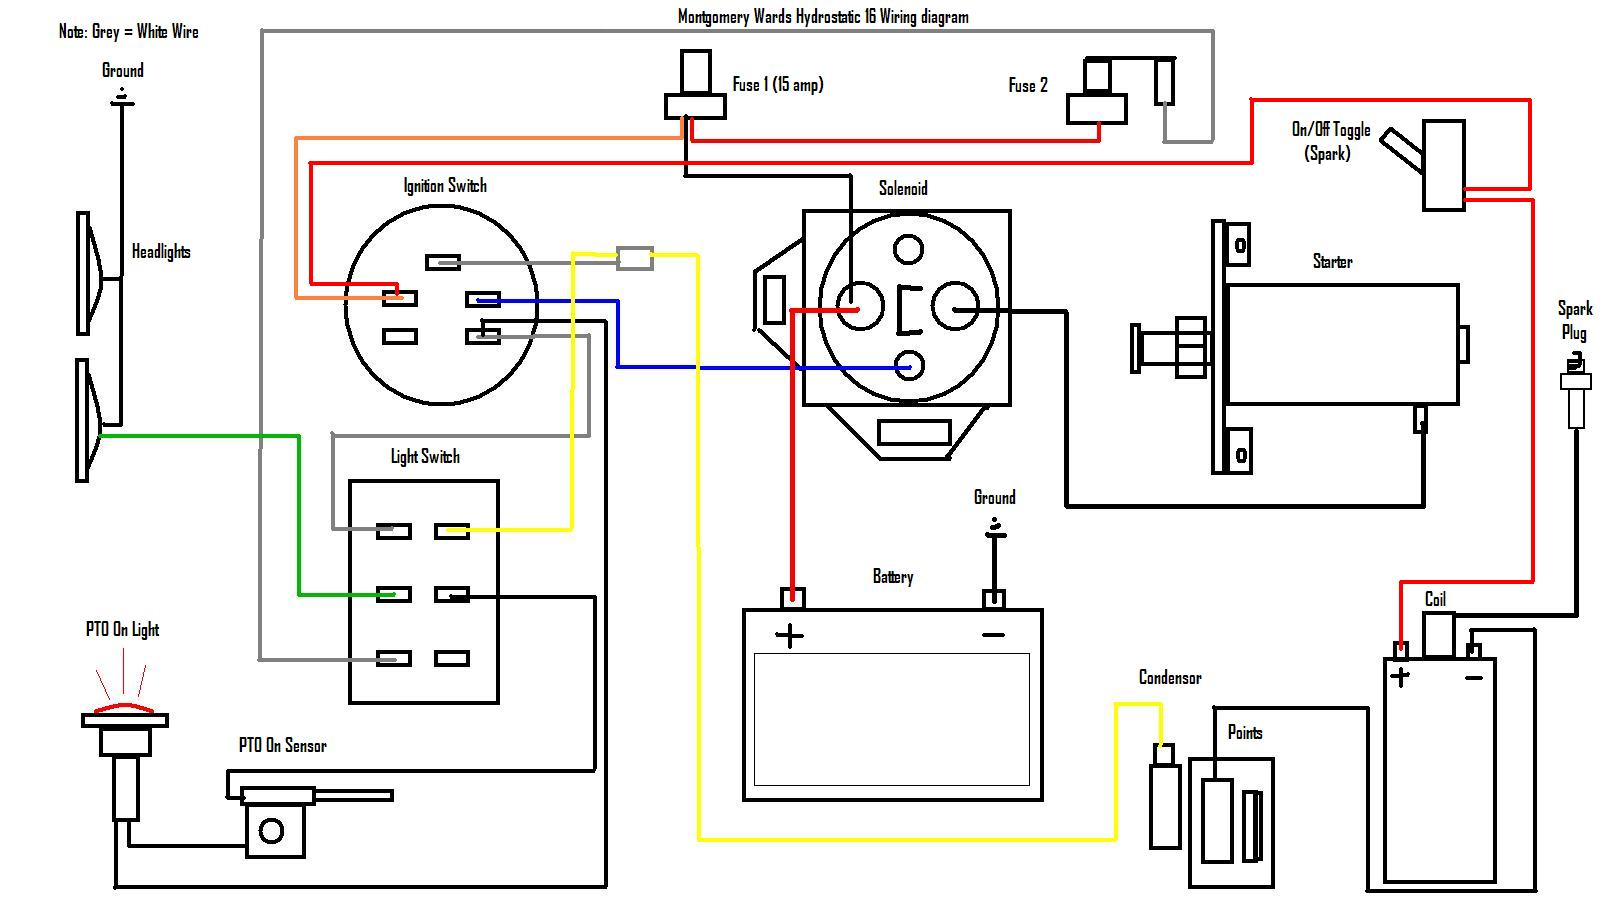 john deere 318 wiring schematic wiring diagram john deere 110 backhoe wiring diagram ford 8n distributor